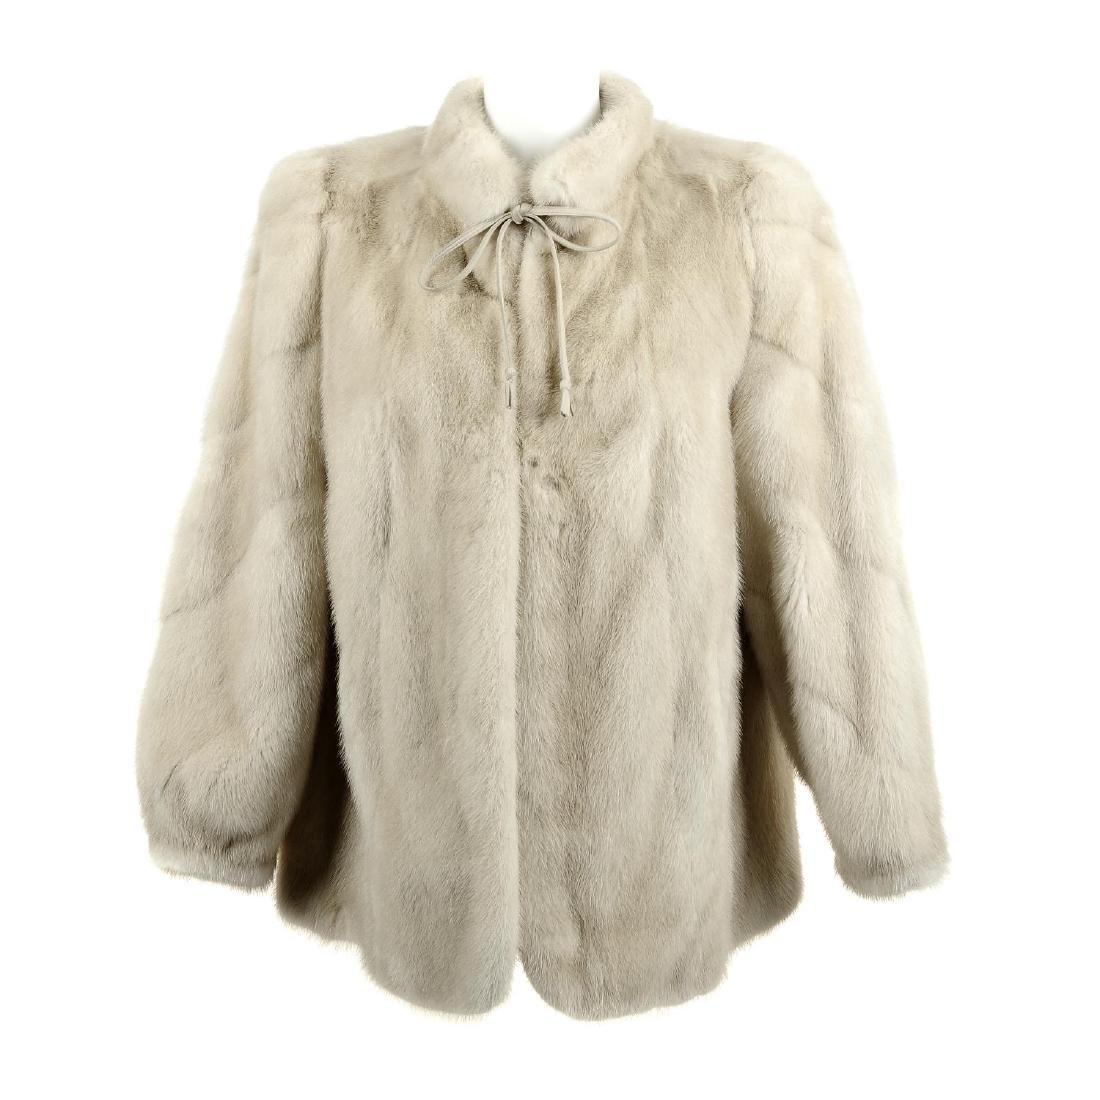 A tourmaline mink jacket. Featuring a Mandarin collar